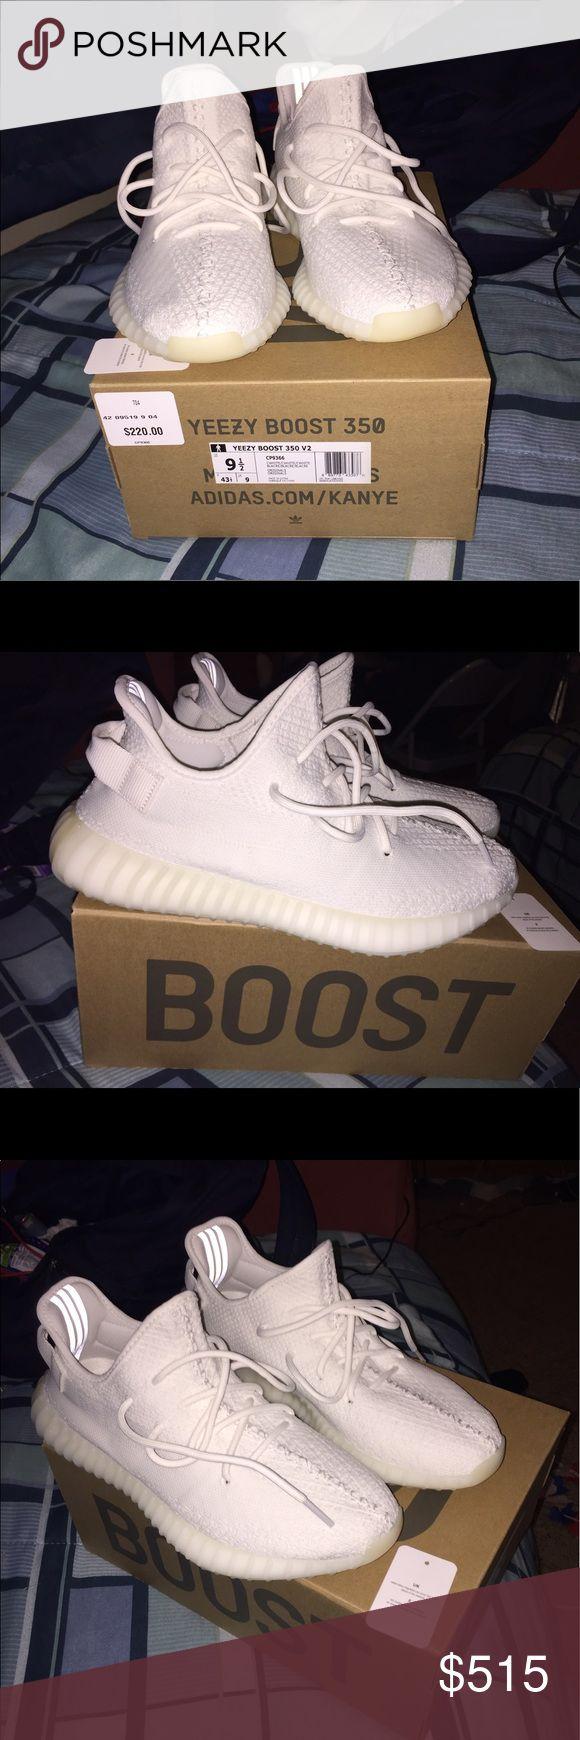 adidas yeezy boost 350 cream weiß wein discount